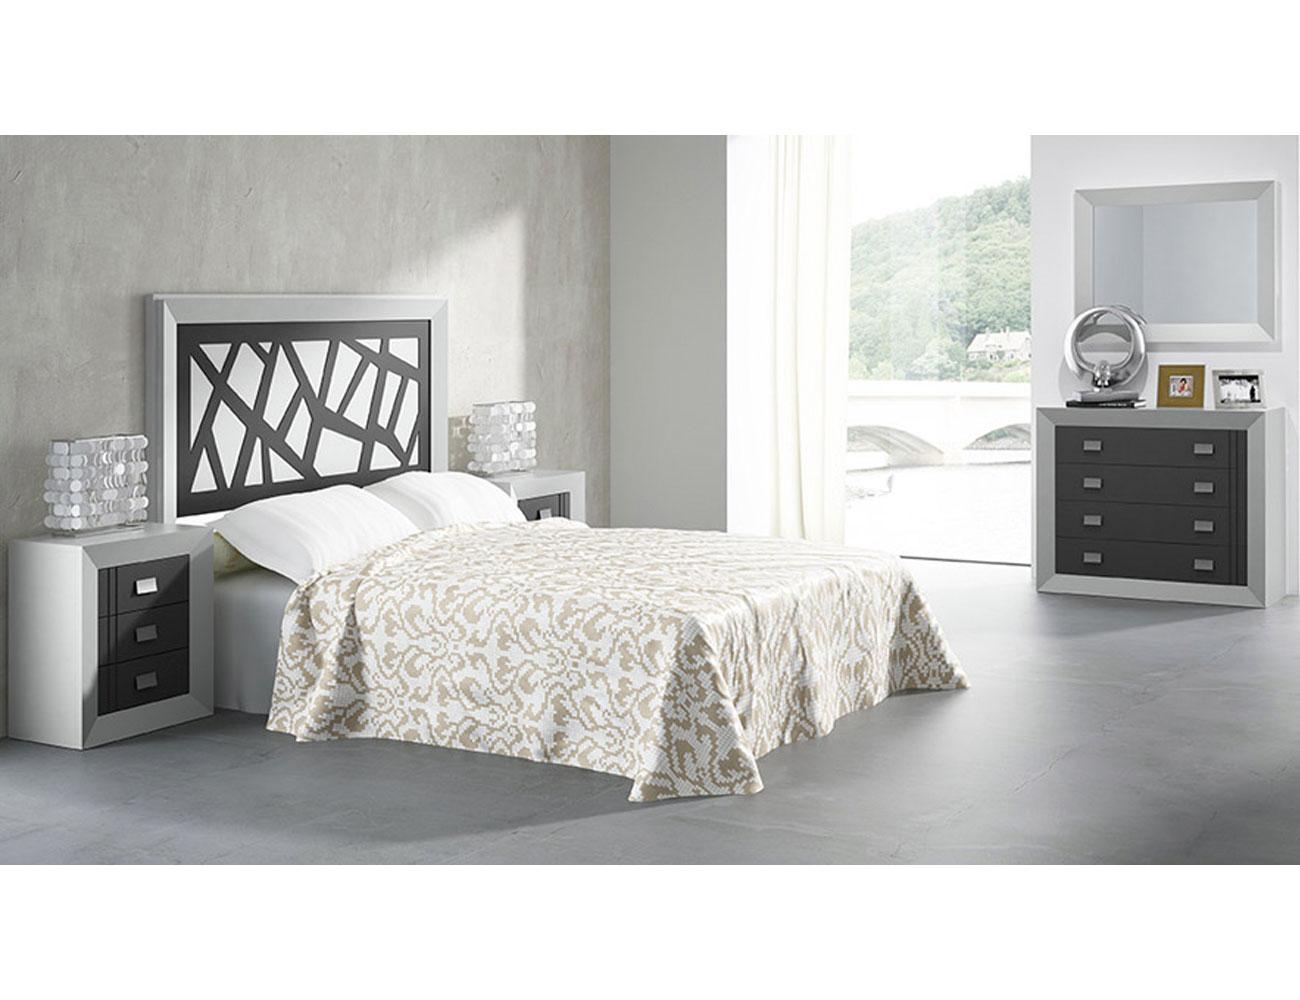 Dormitorio matrimonio comoda blanco grafito madera dm